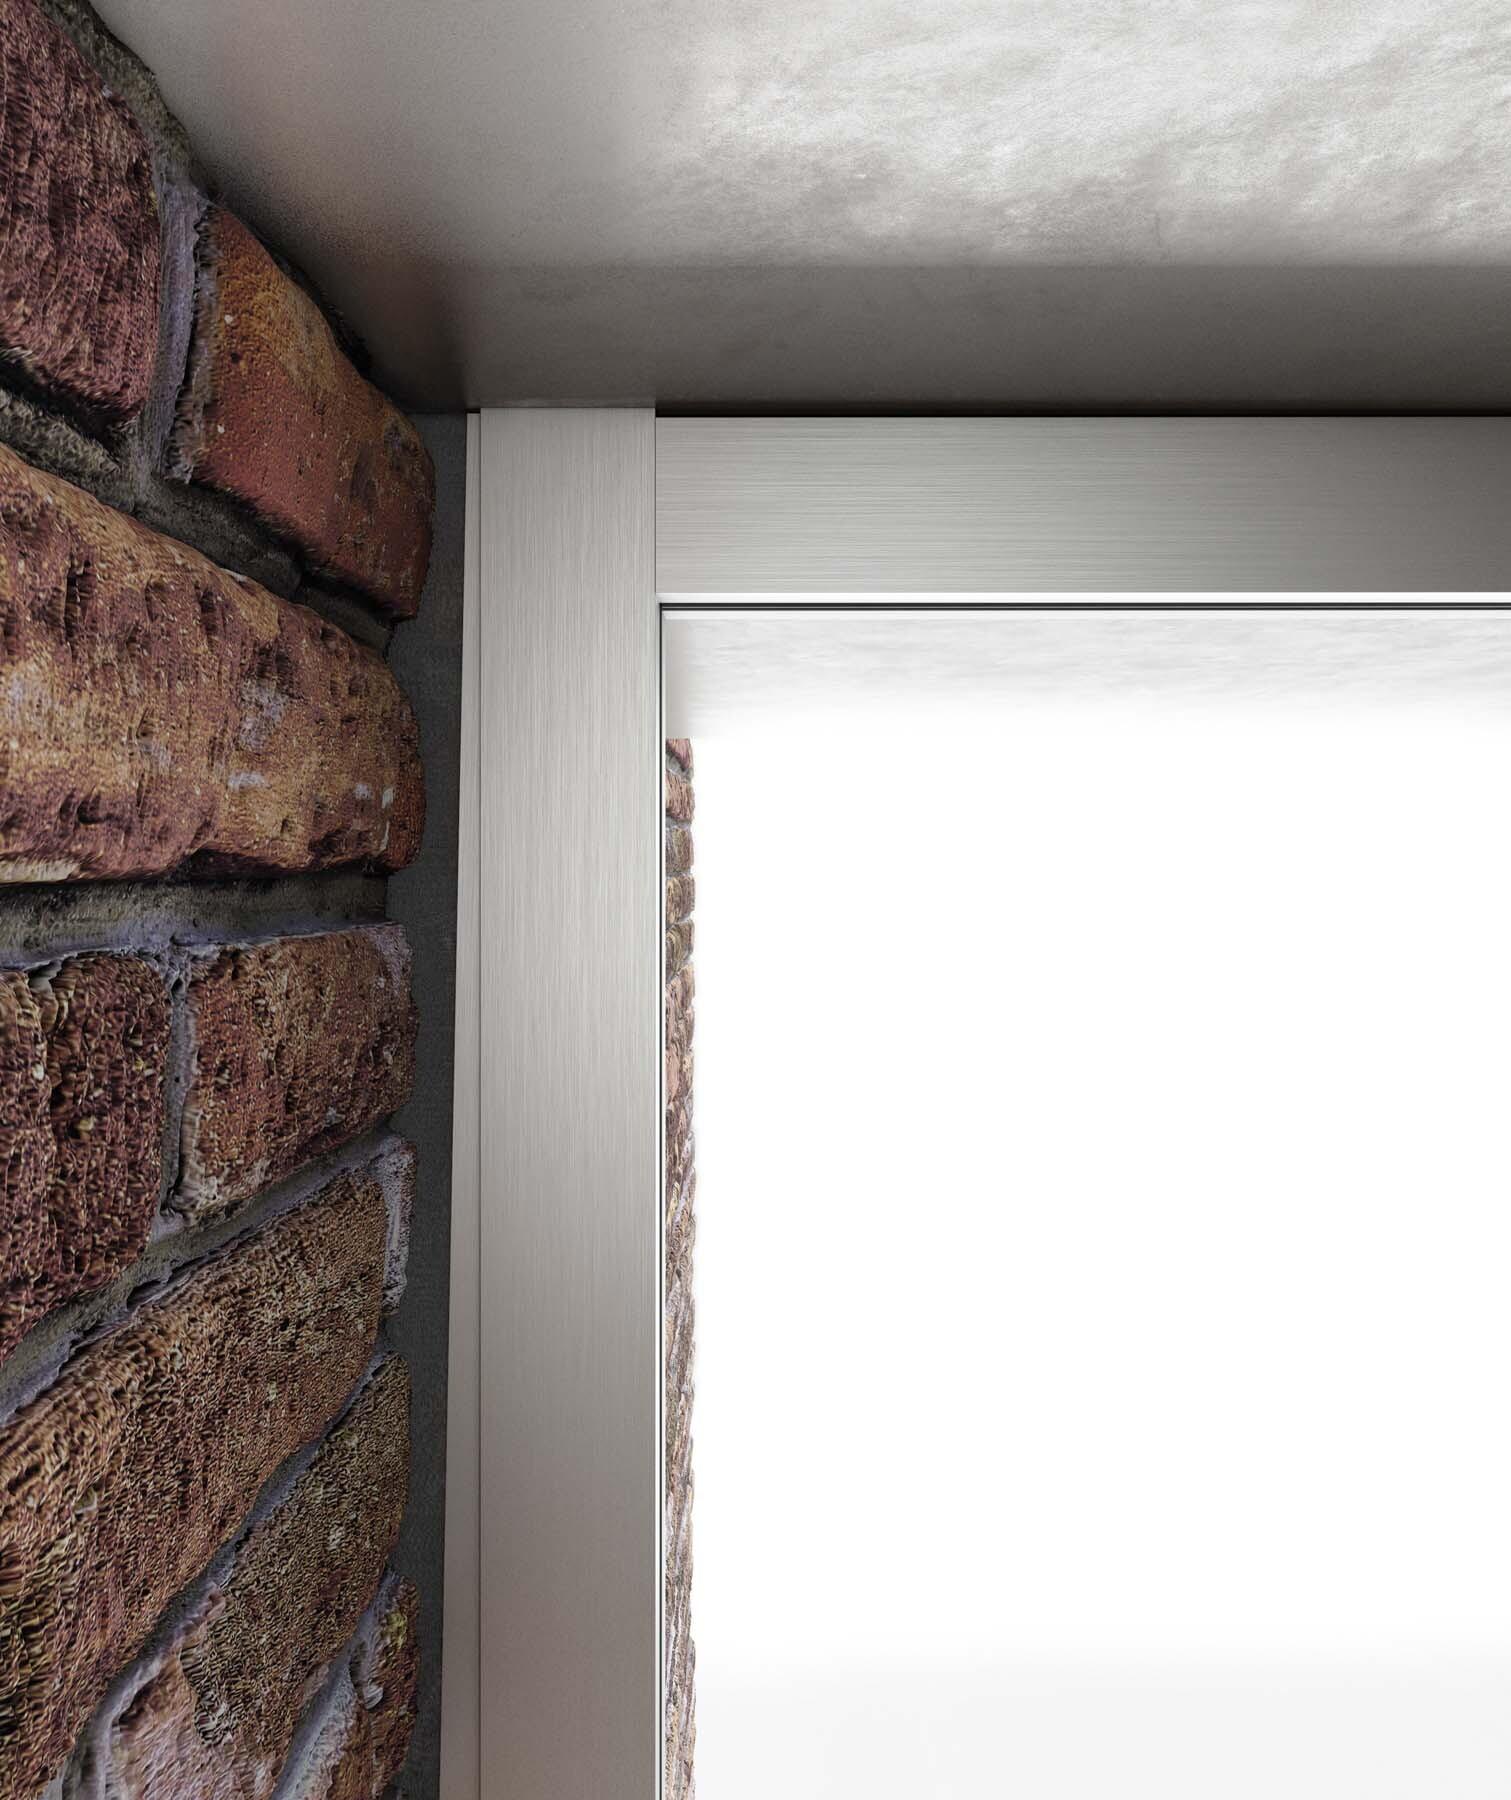 detail-door-dwel-foam-starting-profile.jpg